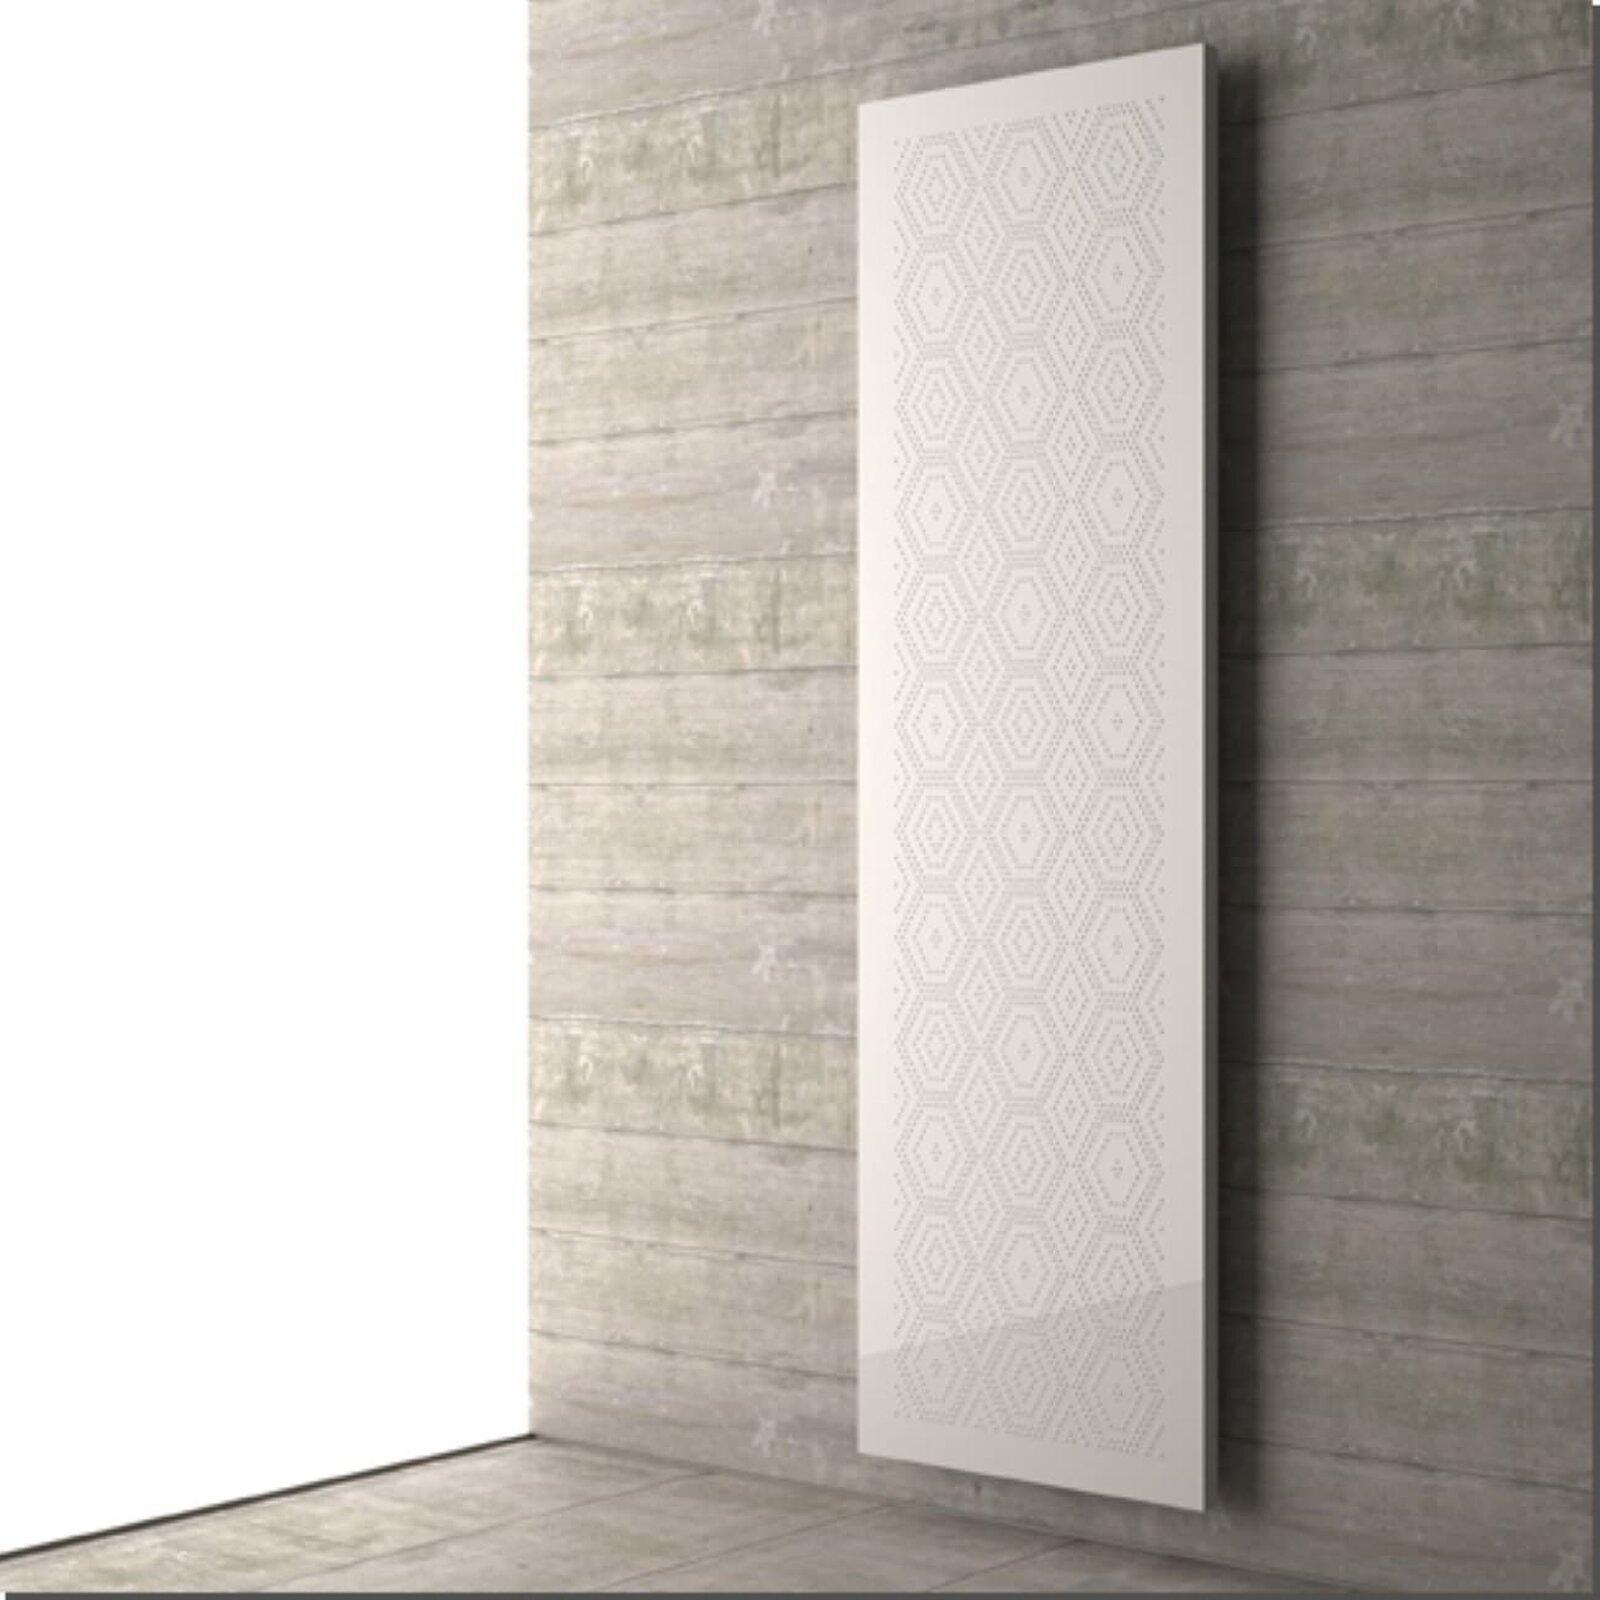 Full Size of Moderner Heizkrper Mit Geometrischem Muster Deckenstrahler Wohnzimmer Board Kommode Deckenleuchten Wandbilder Led Deckenleuchte Anbauwand Wandtattoo Gardinen Wohnzimmer Flachheizkörper Wohnzimmer